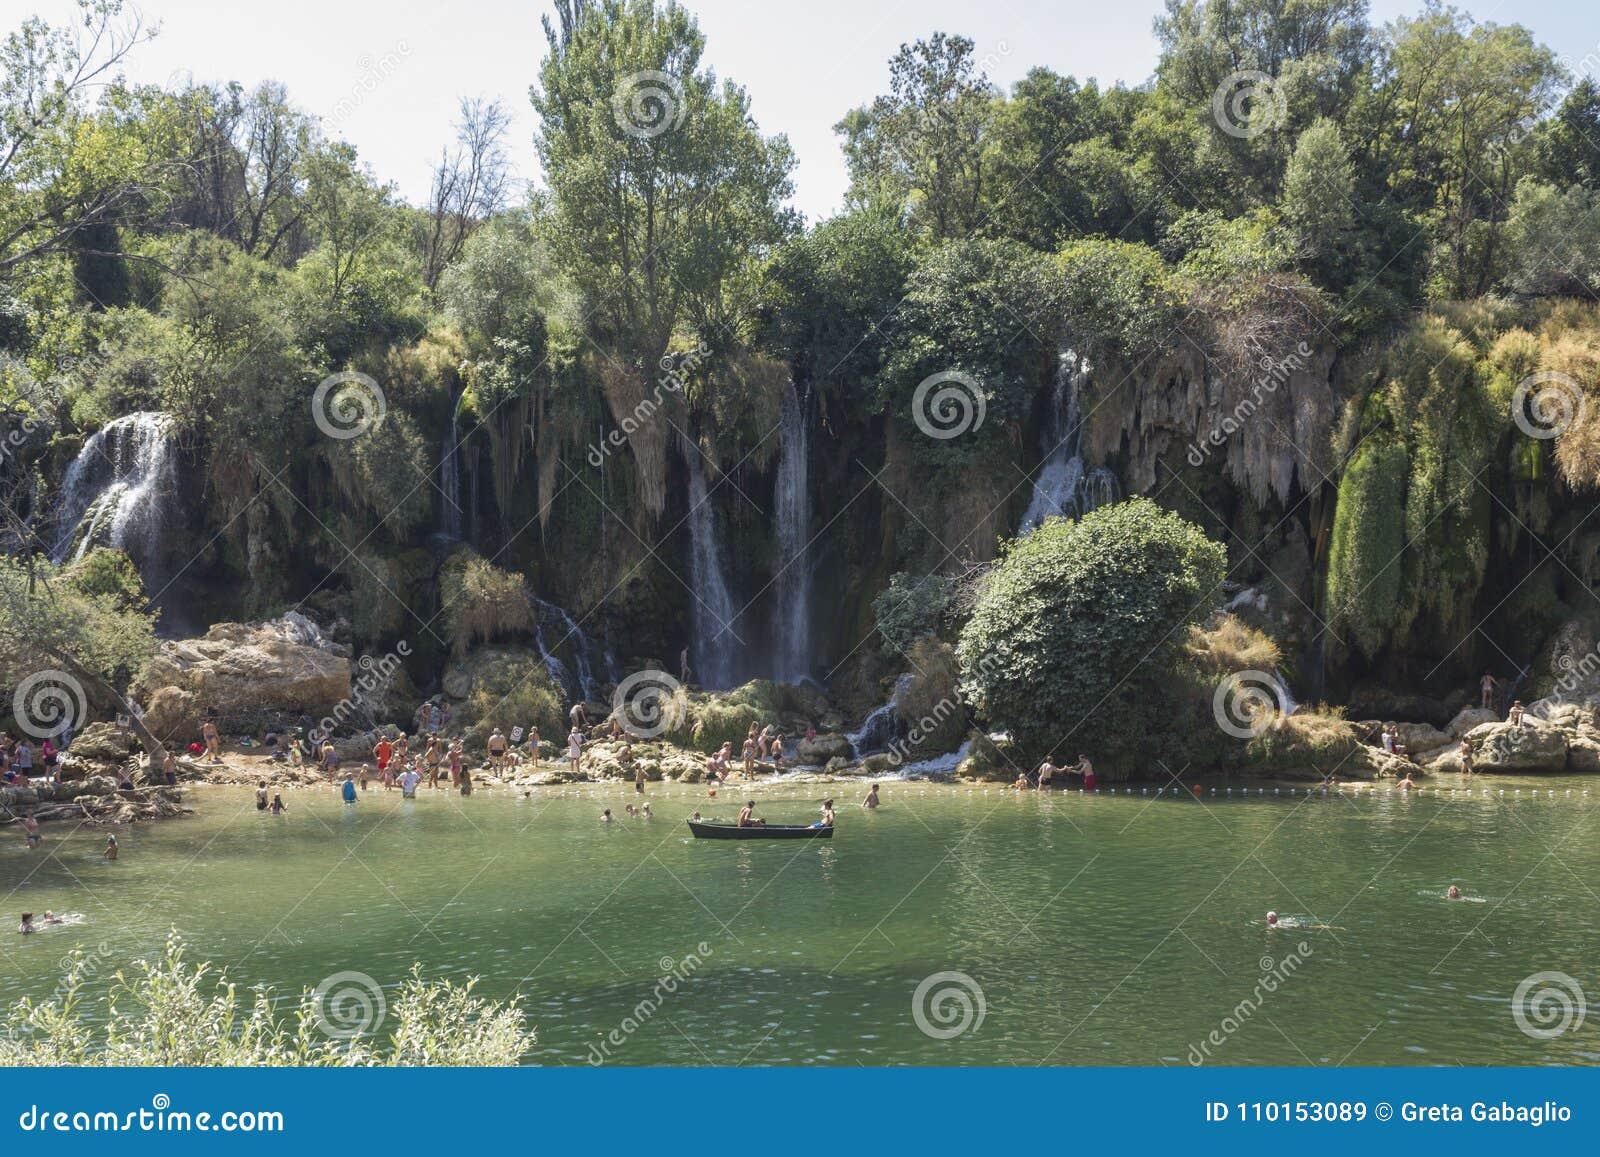 Cascades Naturelles De Kravice D Ok De L Espace Vert En